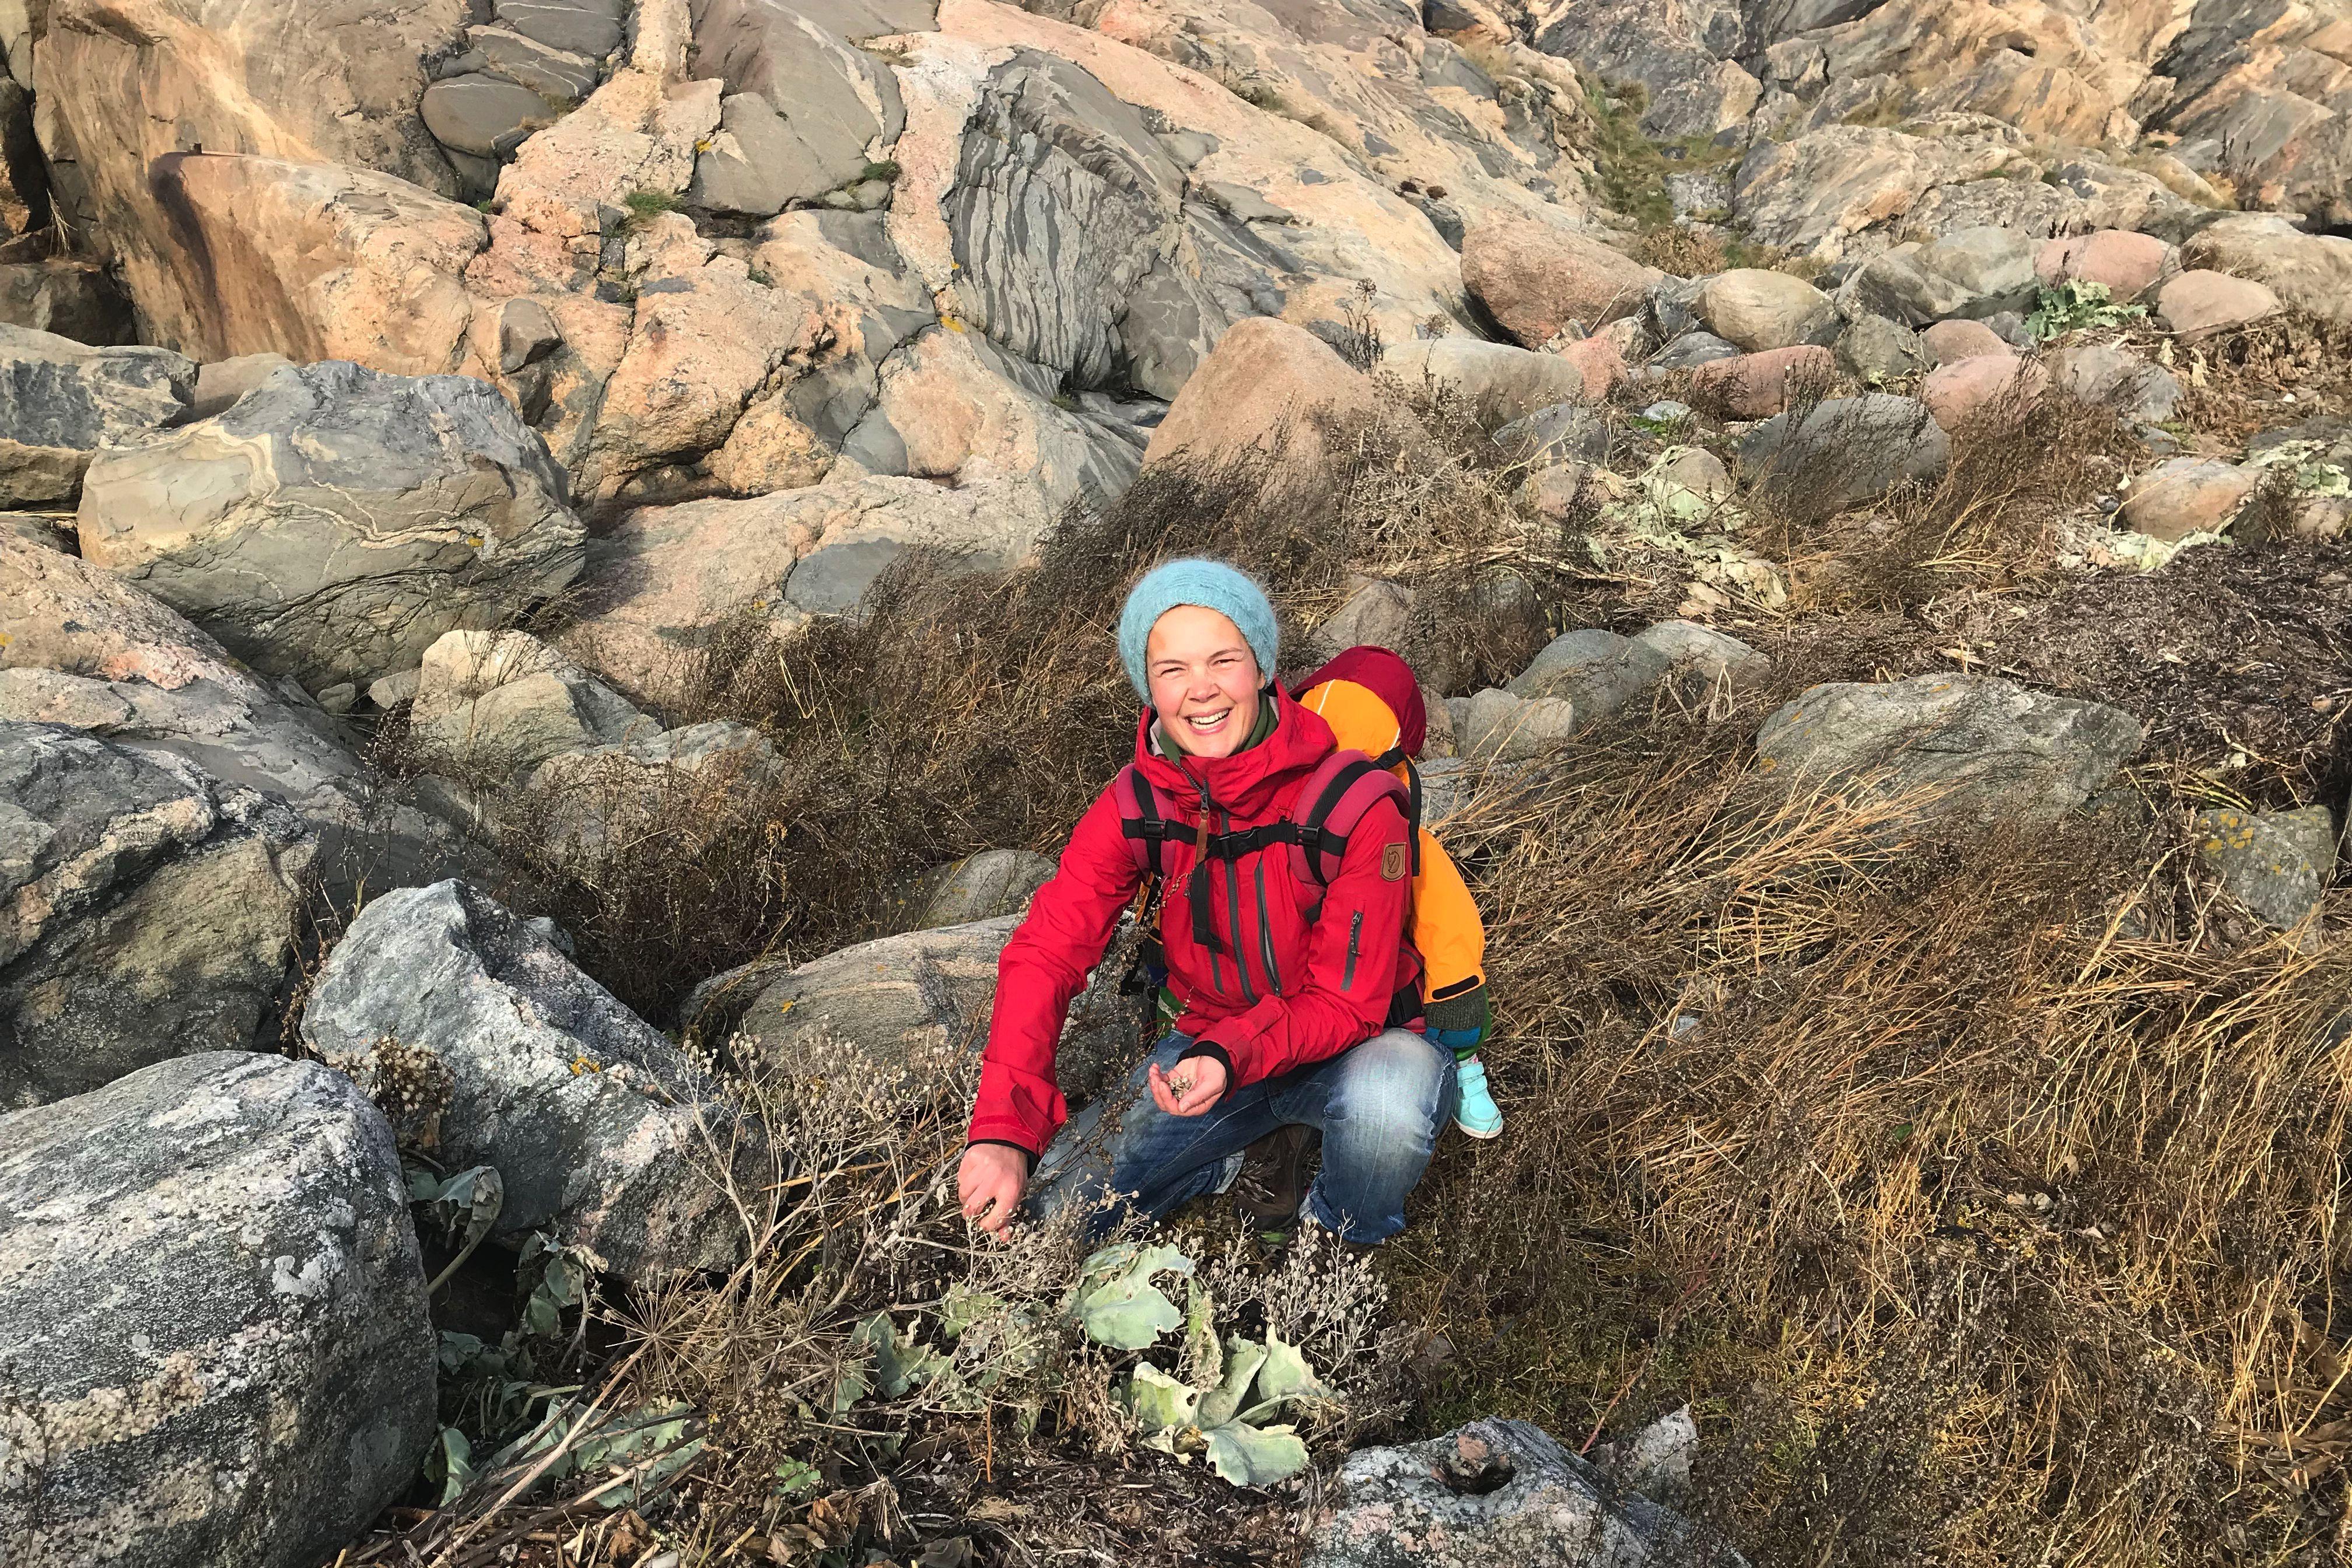 Sara bär ett barn på ryggen och plockar frö av strandkål framför vackra klipphällar. Collecting sea kale seeds, Sara is picking the seeds.